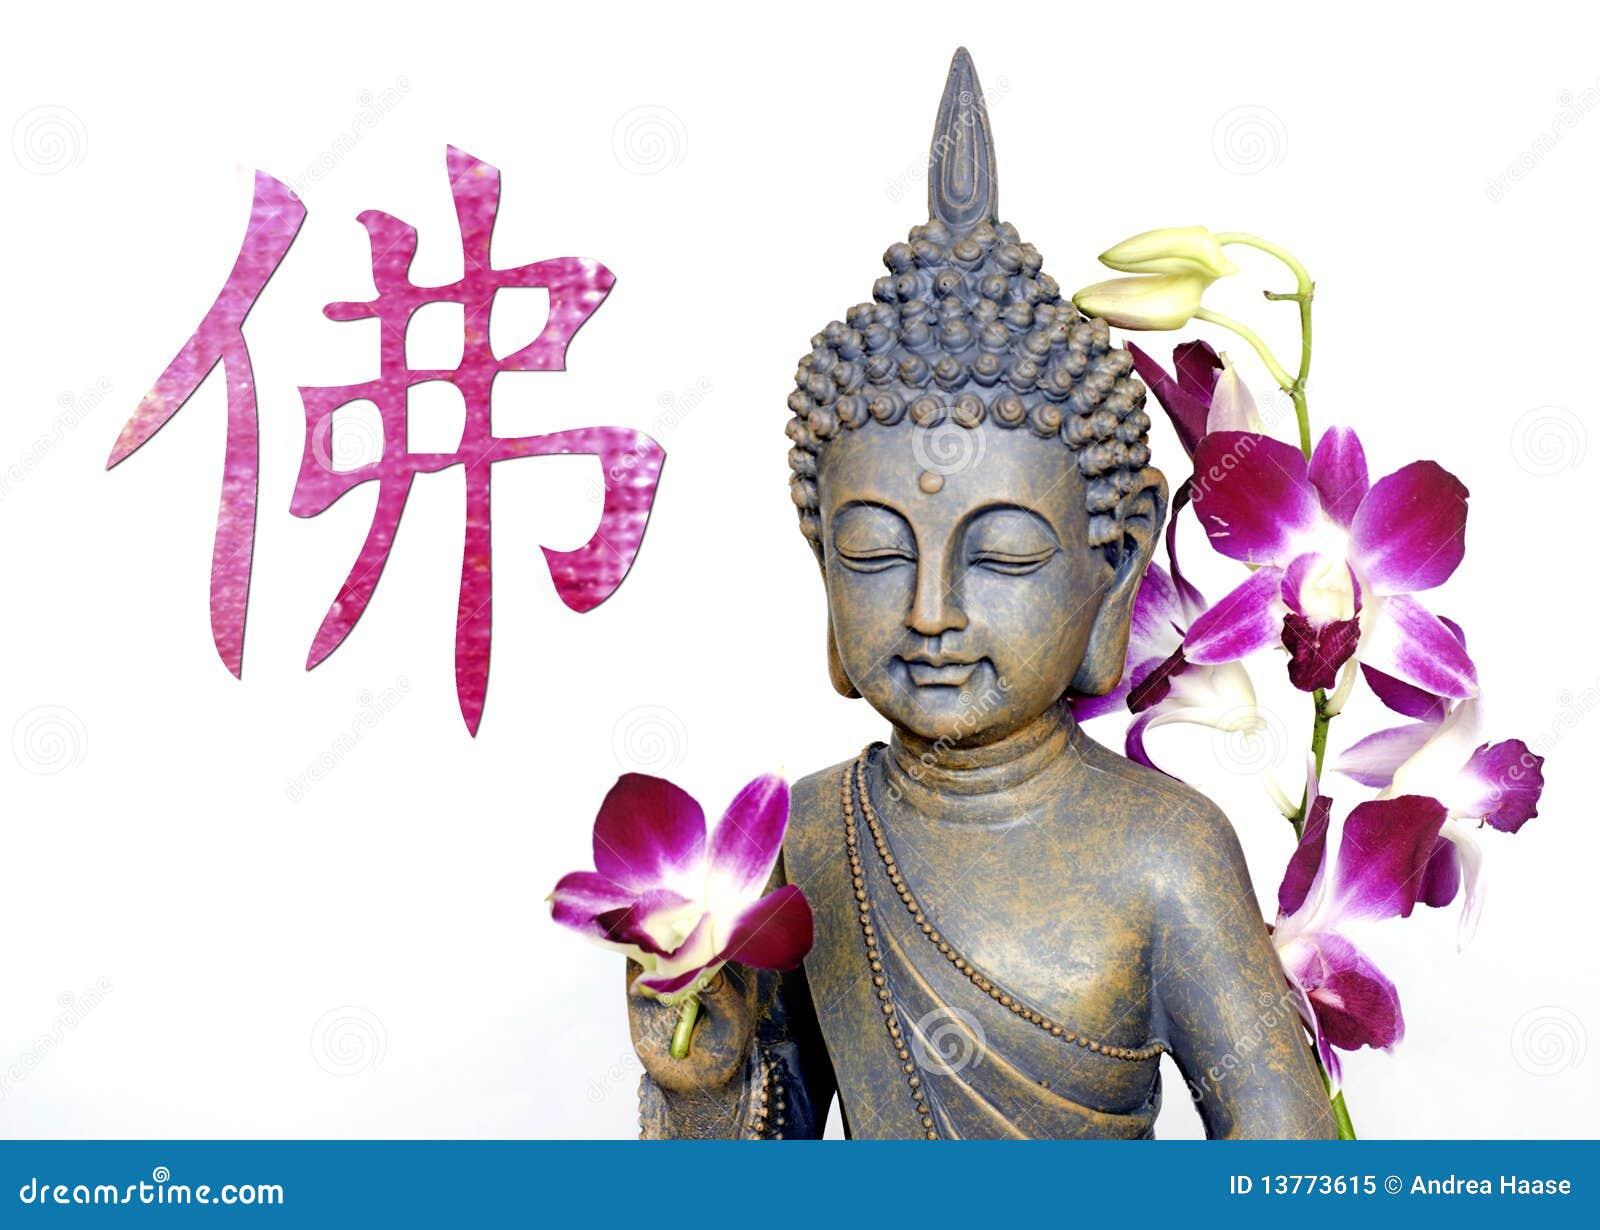 Bouddha et symbole chinois pour bouddha photo libre de droits image 13773615 - Symbole de l orchidee ...